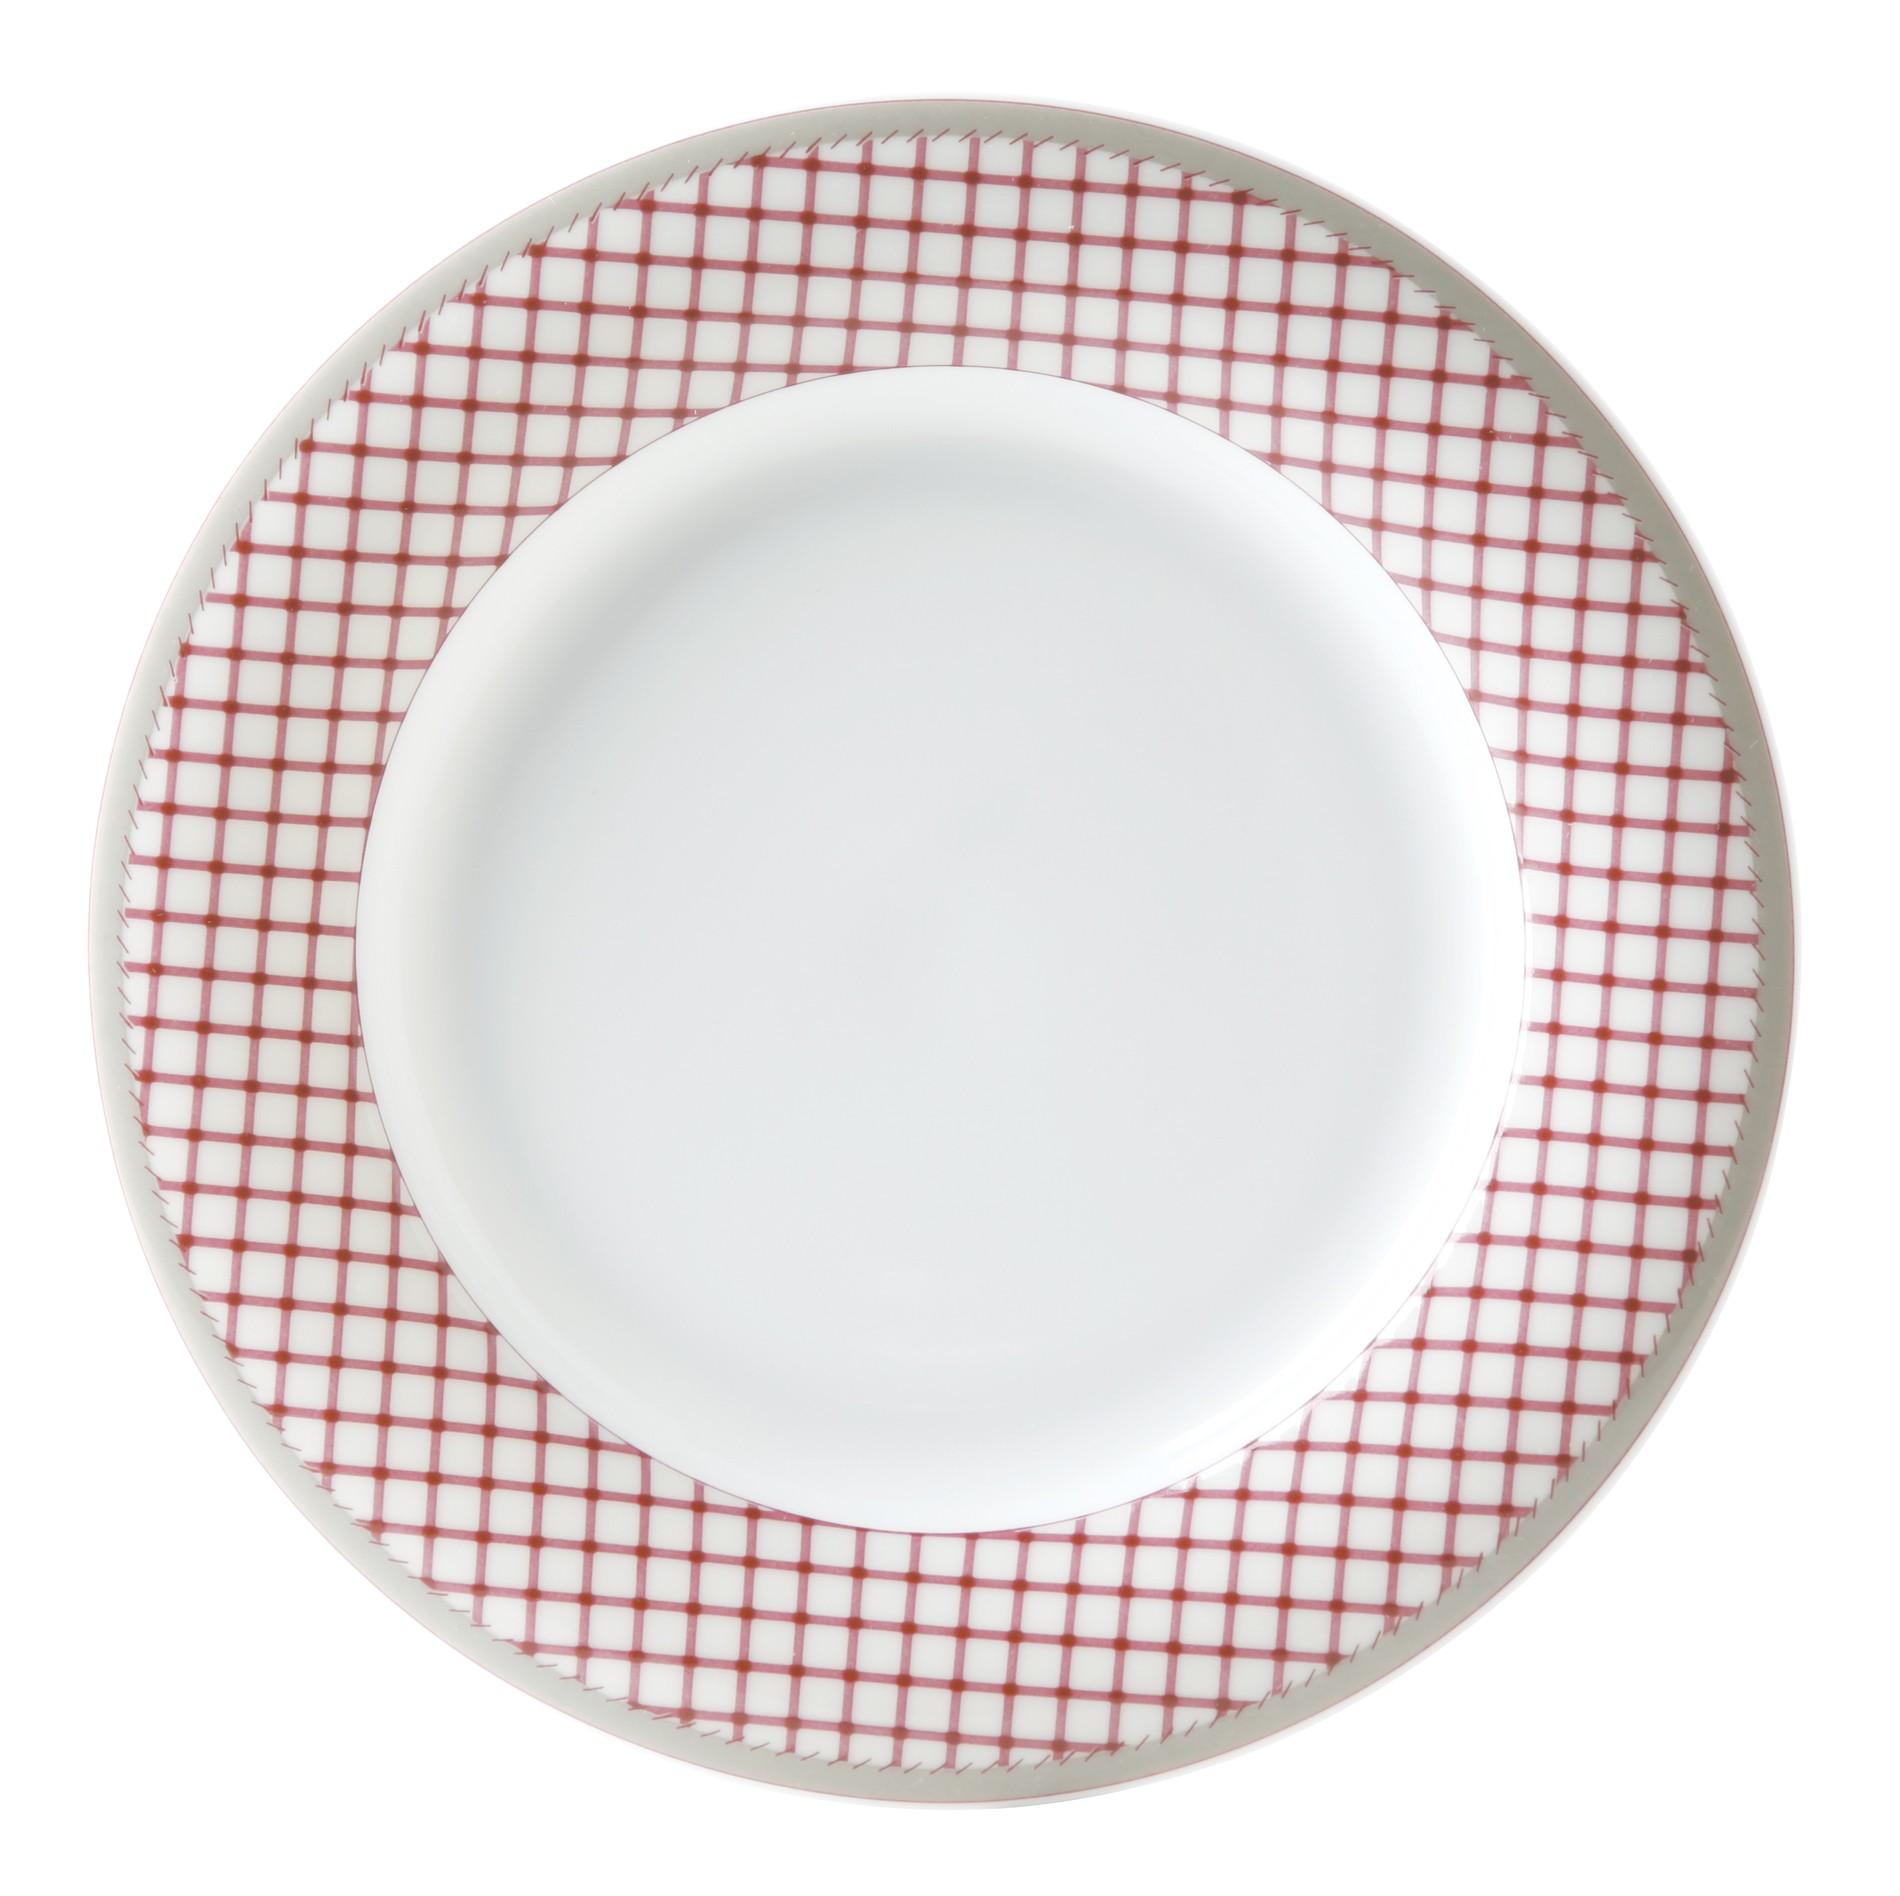 Πιάτο Φρούτου Σετ 6Τμχ Καρό Εξοχή 22cm Ionia home   ειδη σερβιρισματος   πιάτα